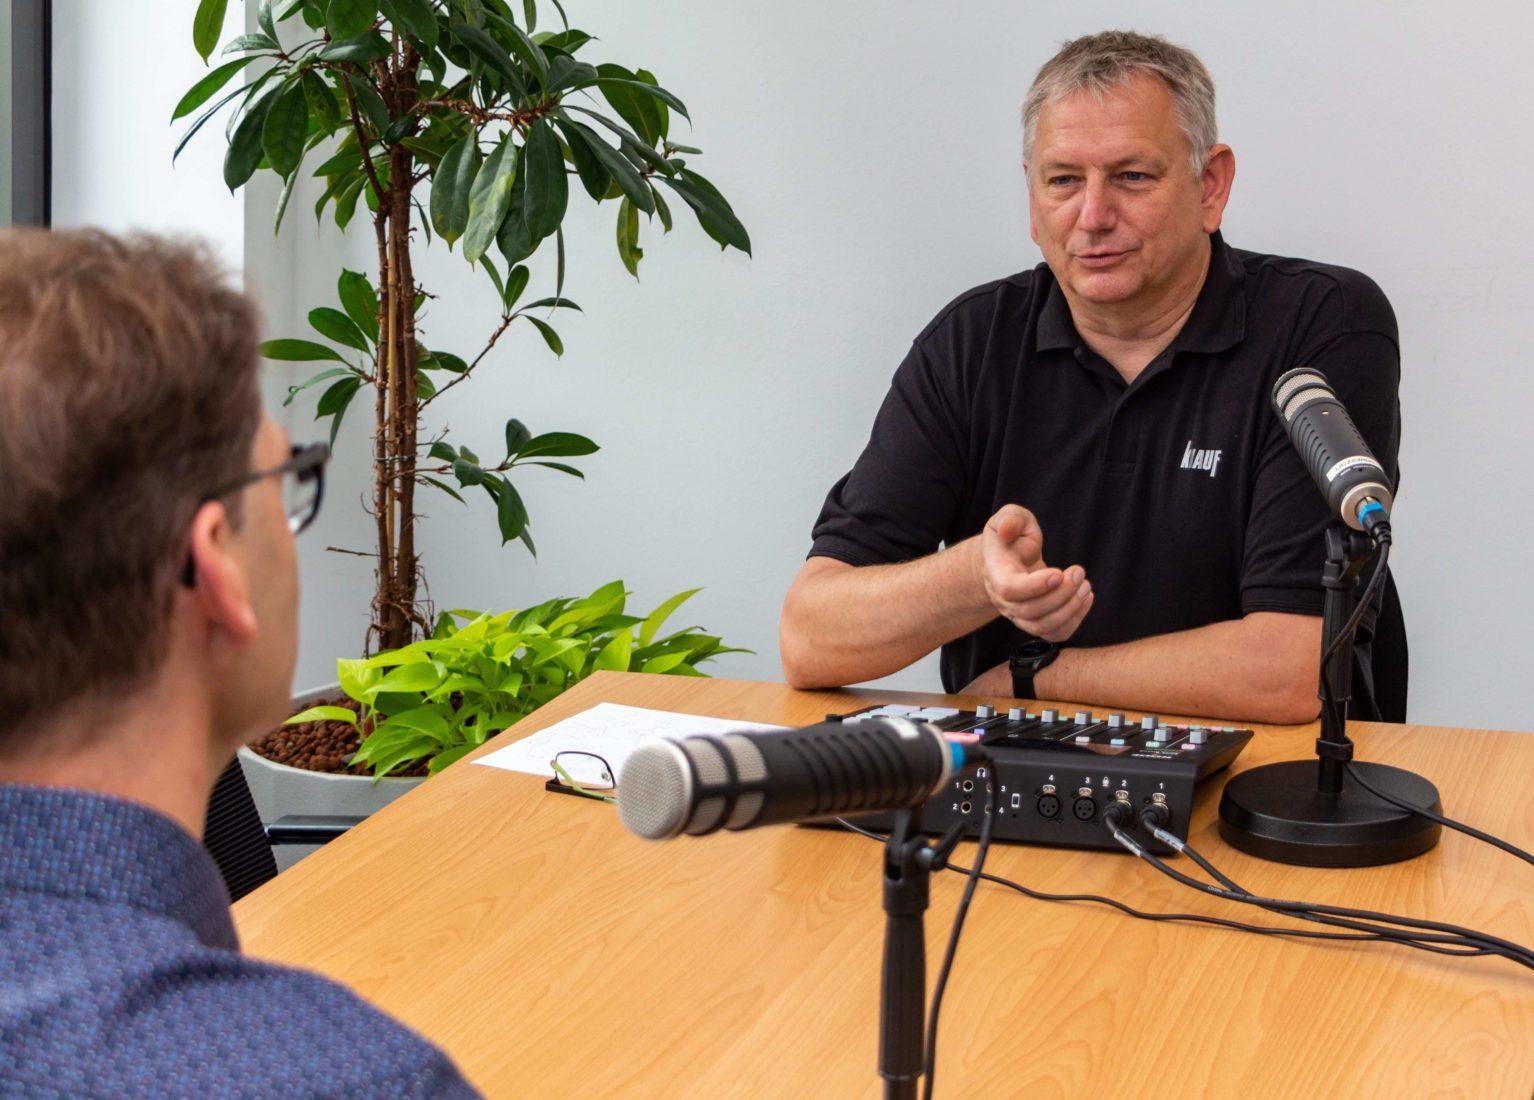 Bernd Liczewski (r.) ist als Moderator die wiederkehrende Stimme des Podcasts. Foto: Knauf